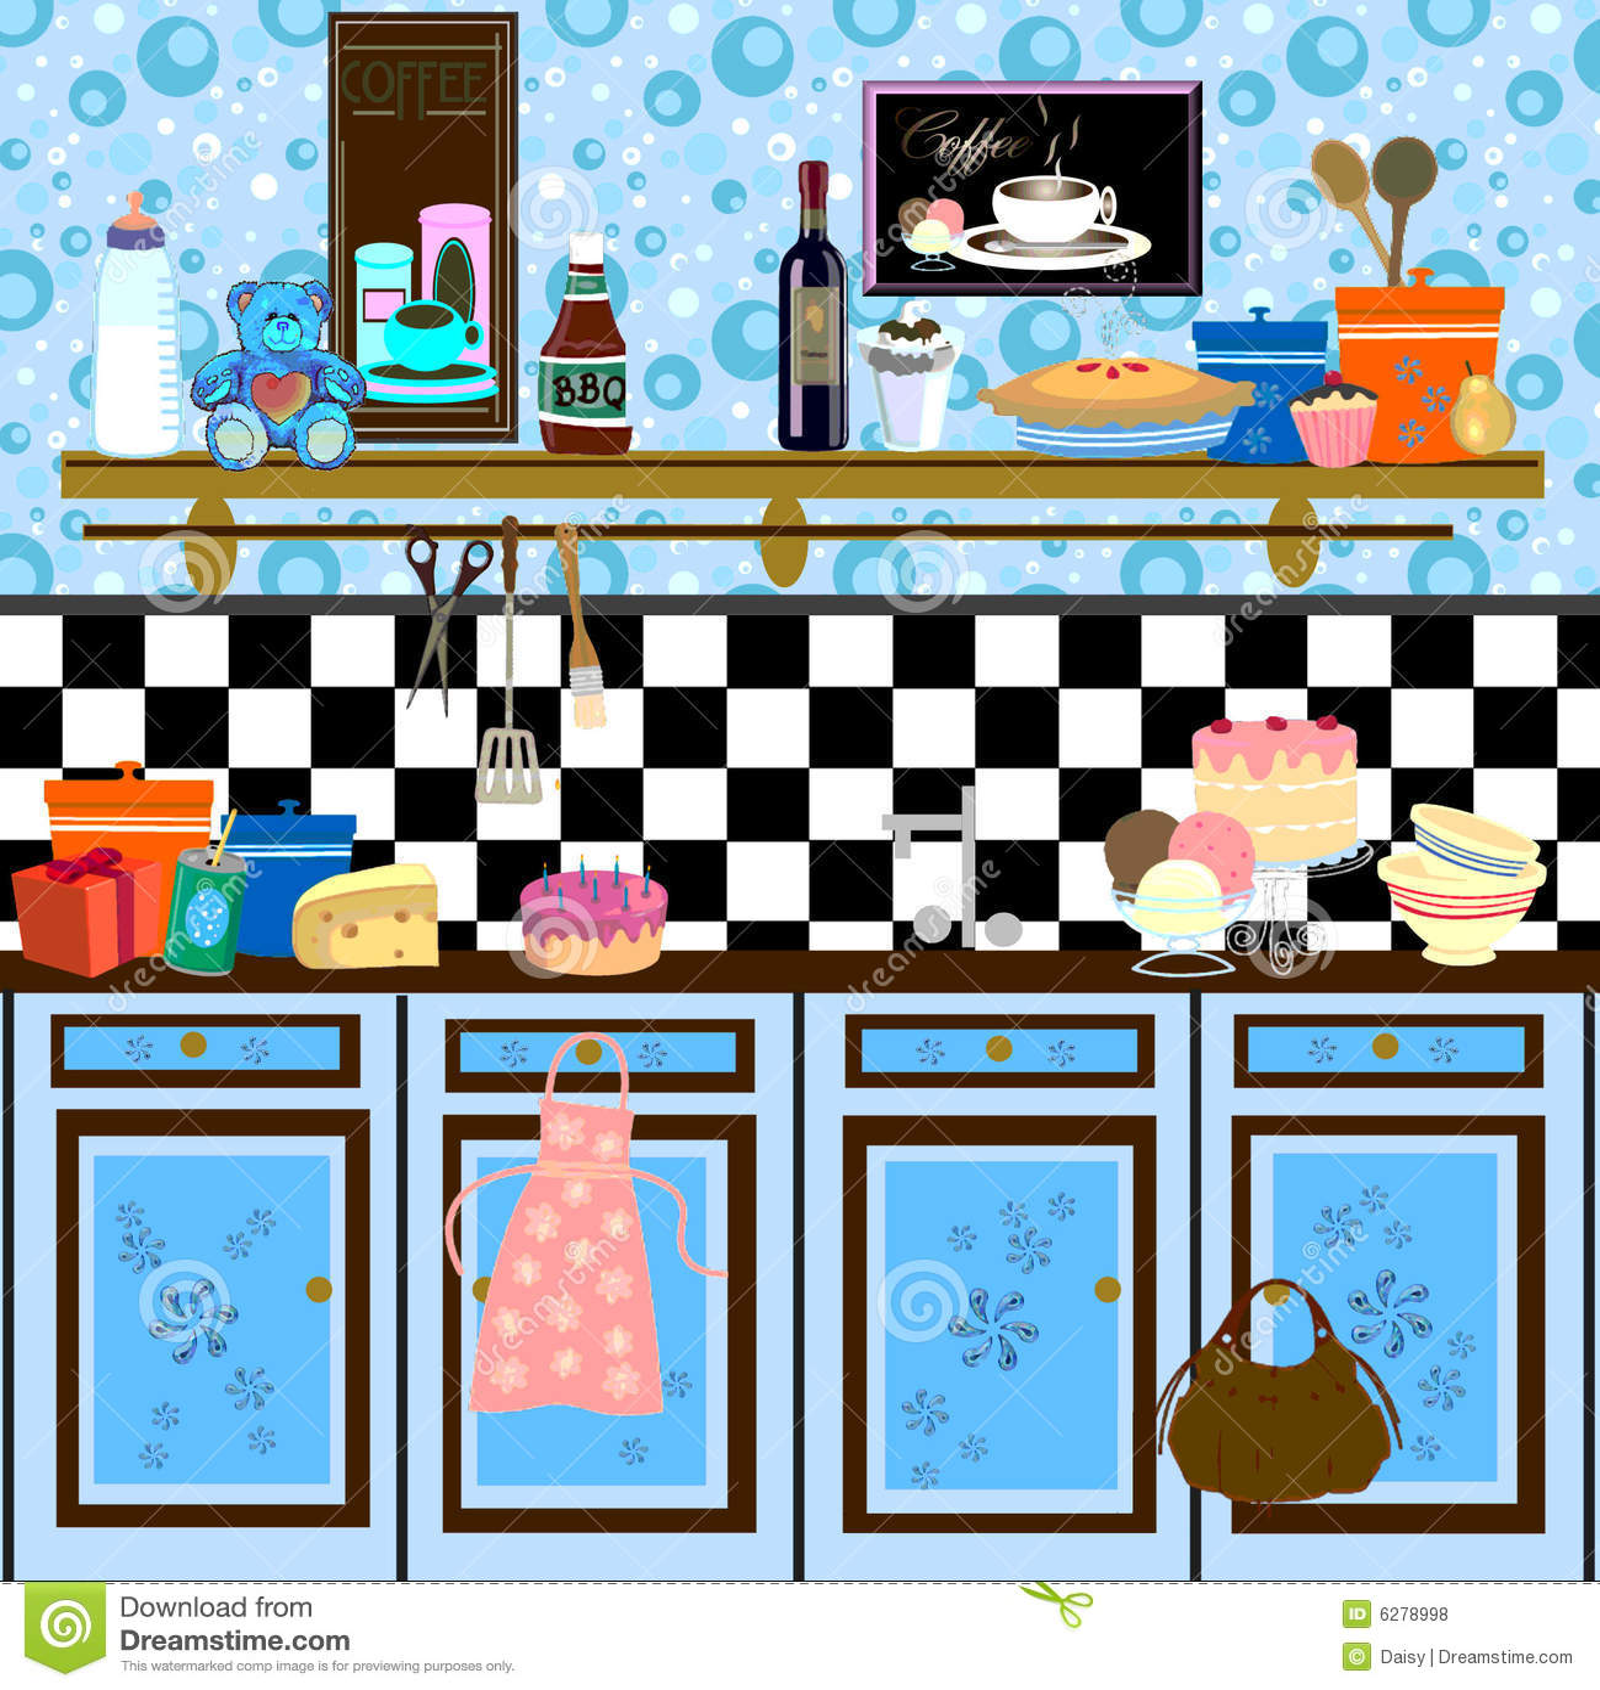 Mais imagens similares de ` Cozinha retro do estilo de país ` #BD4E0E 1300 1390